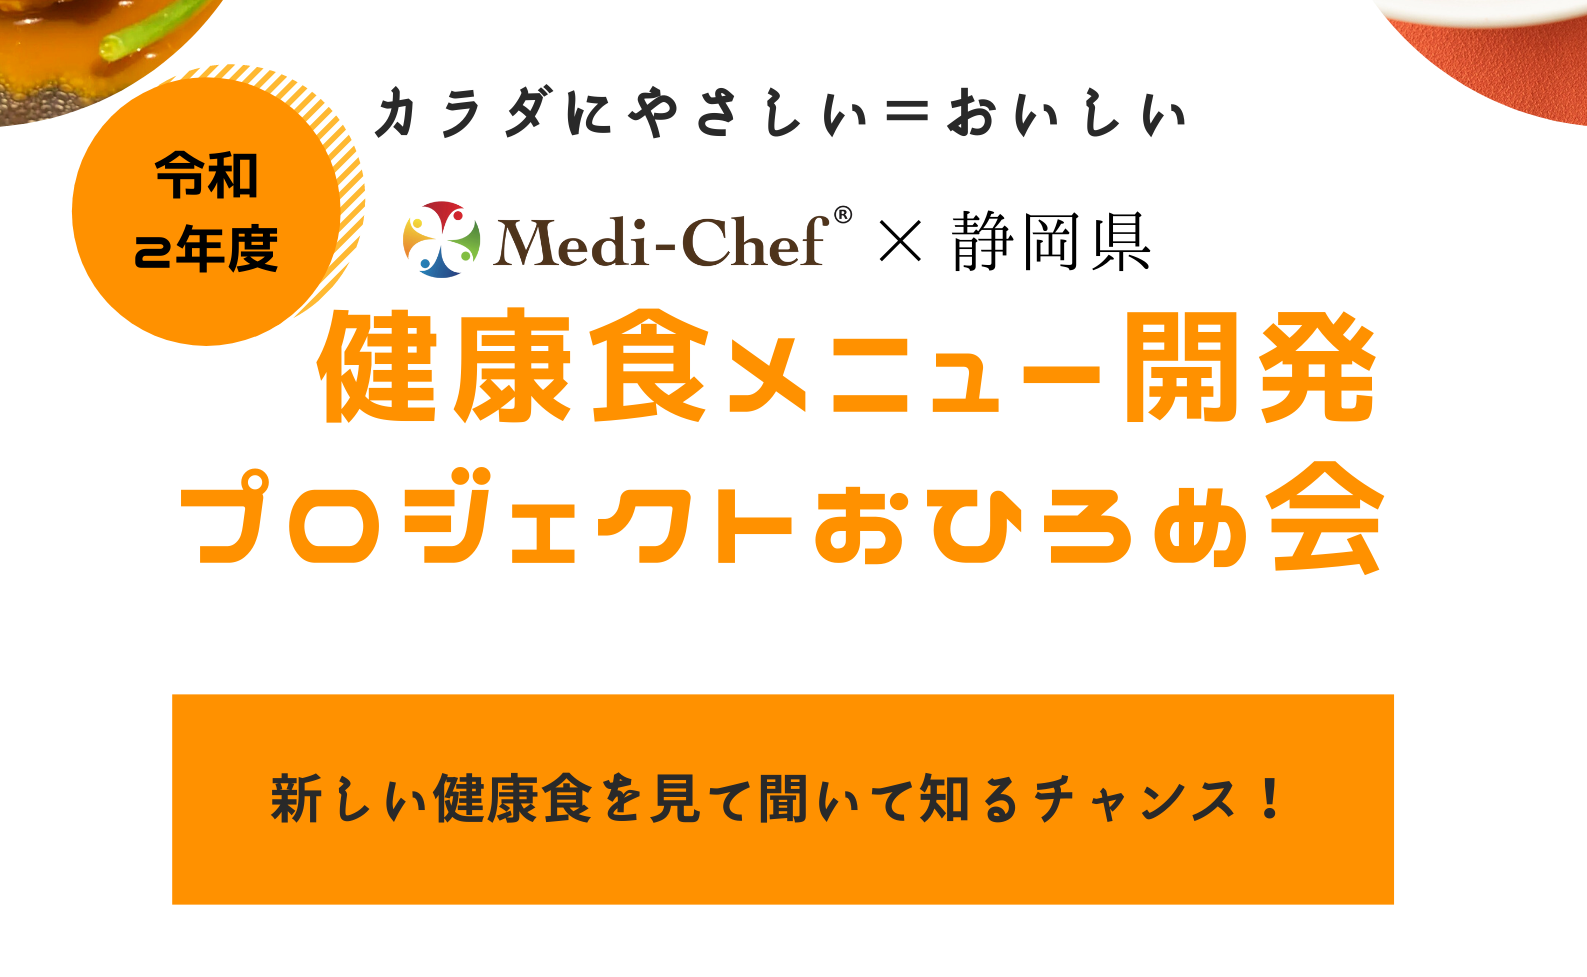 「令和 2 年度健康食メニュー・商品開発事業 お披露目会」の開催について